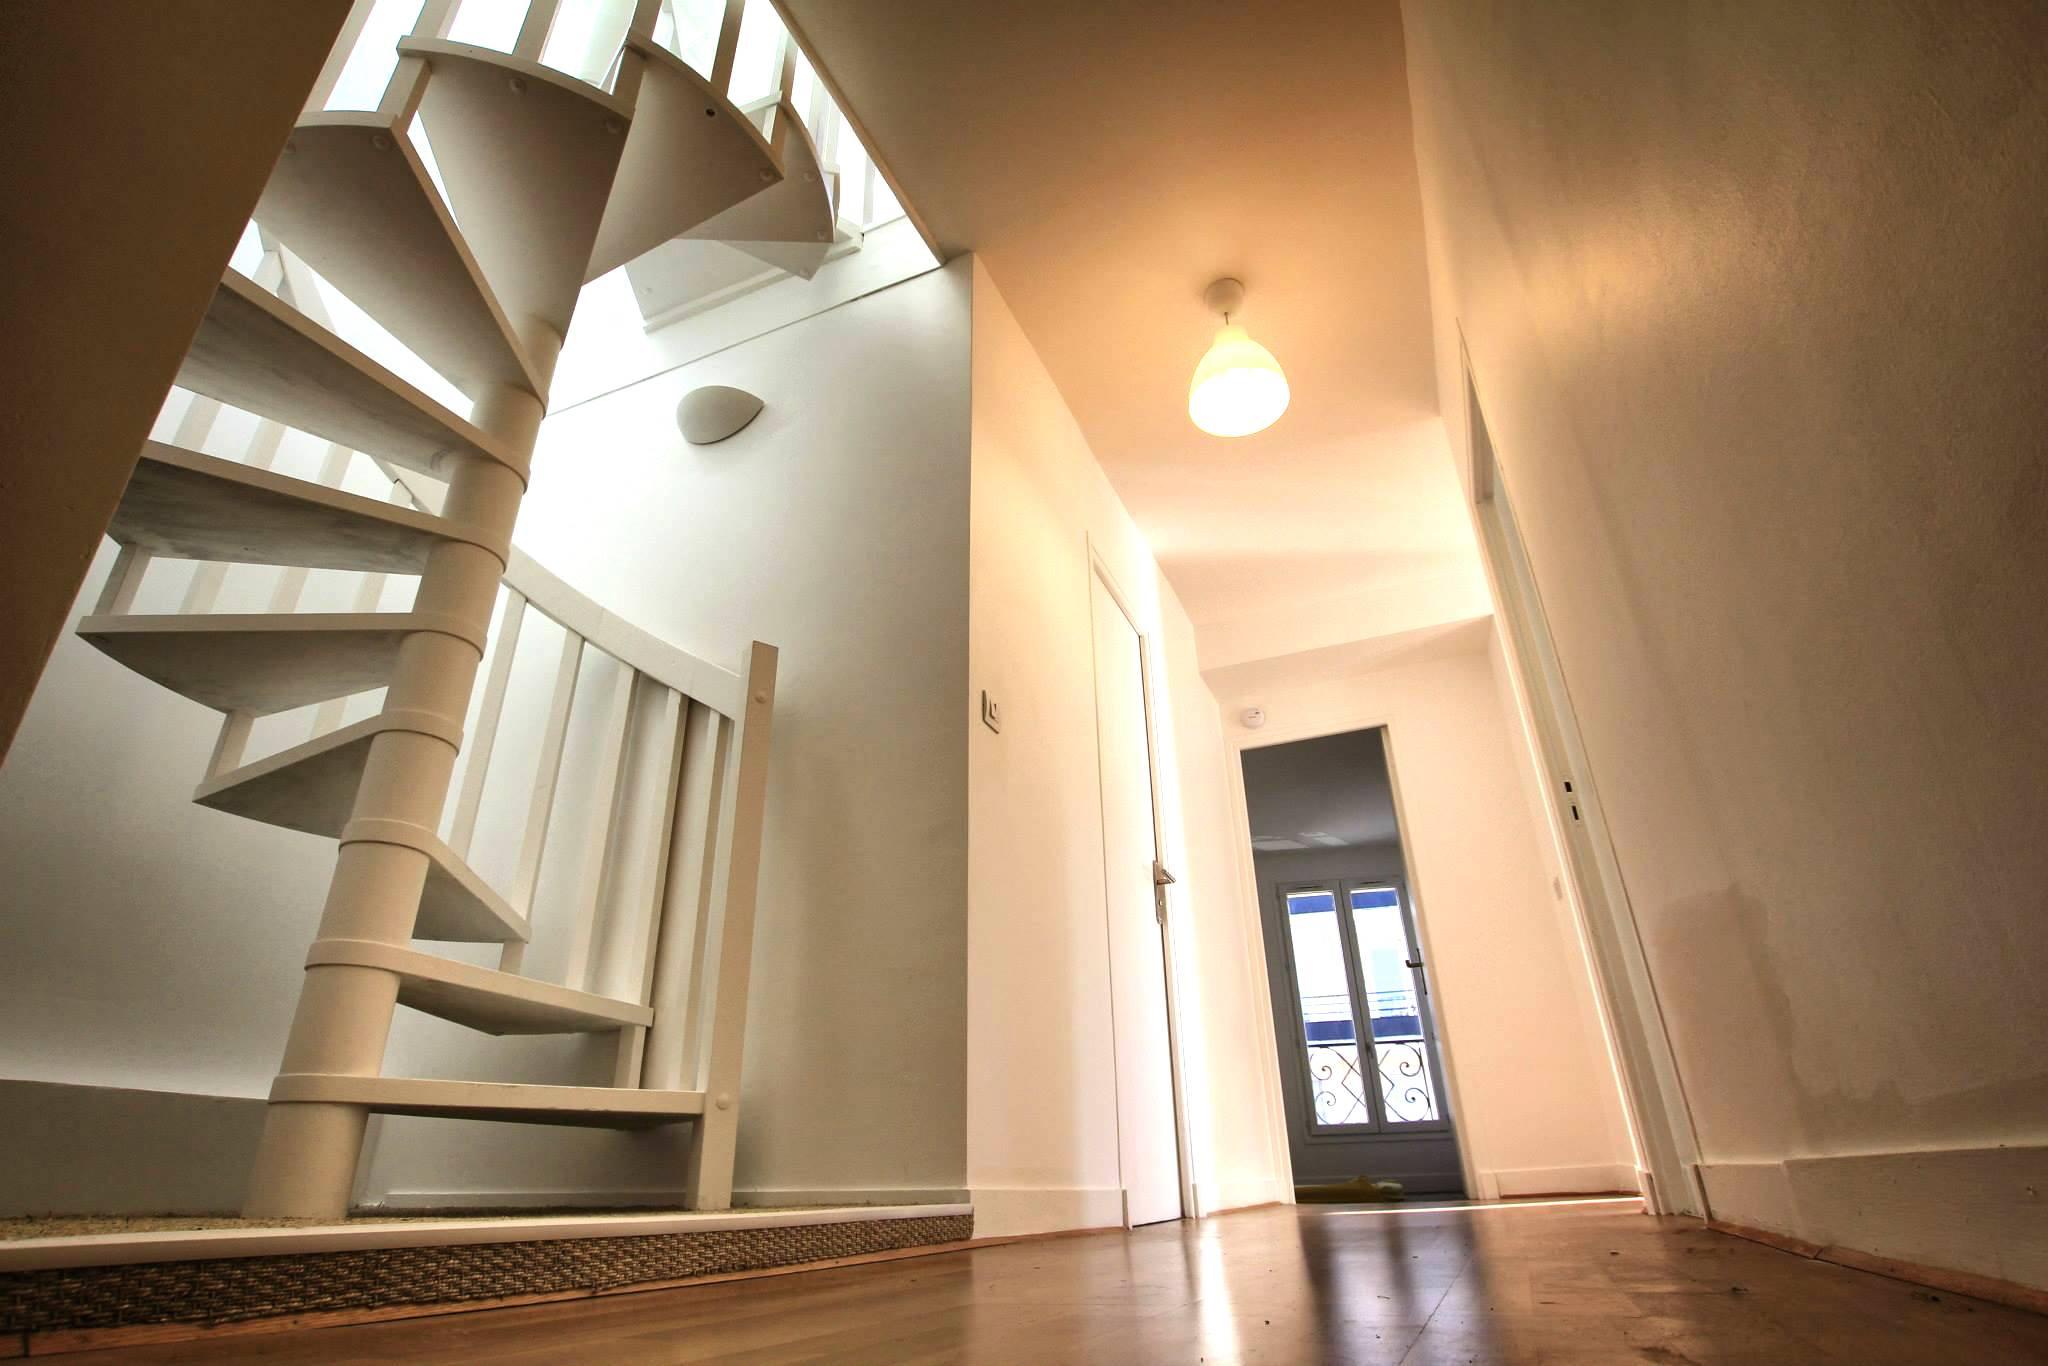 la-clef-des-villes-chasseur-immobilier-boulogne-billancourt-location-vente-appartement-photo-entree